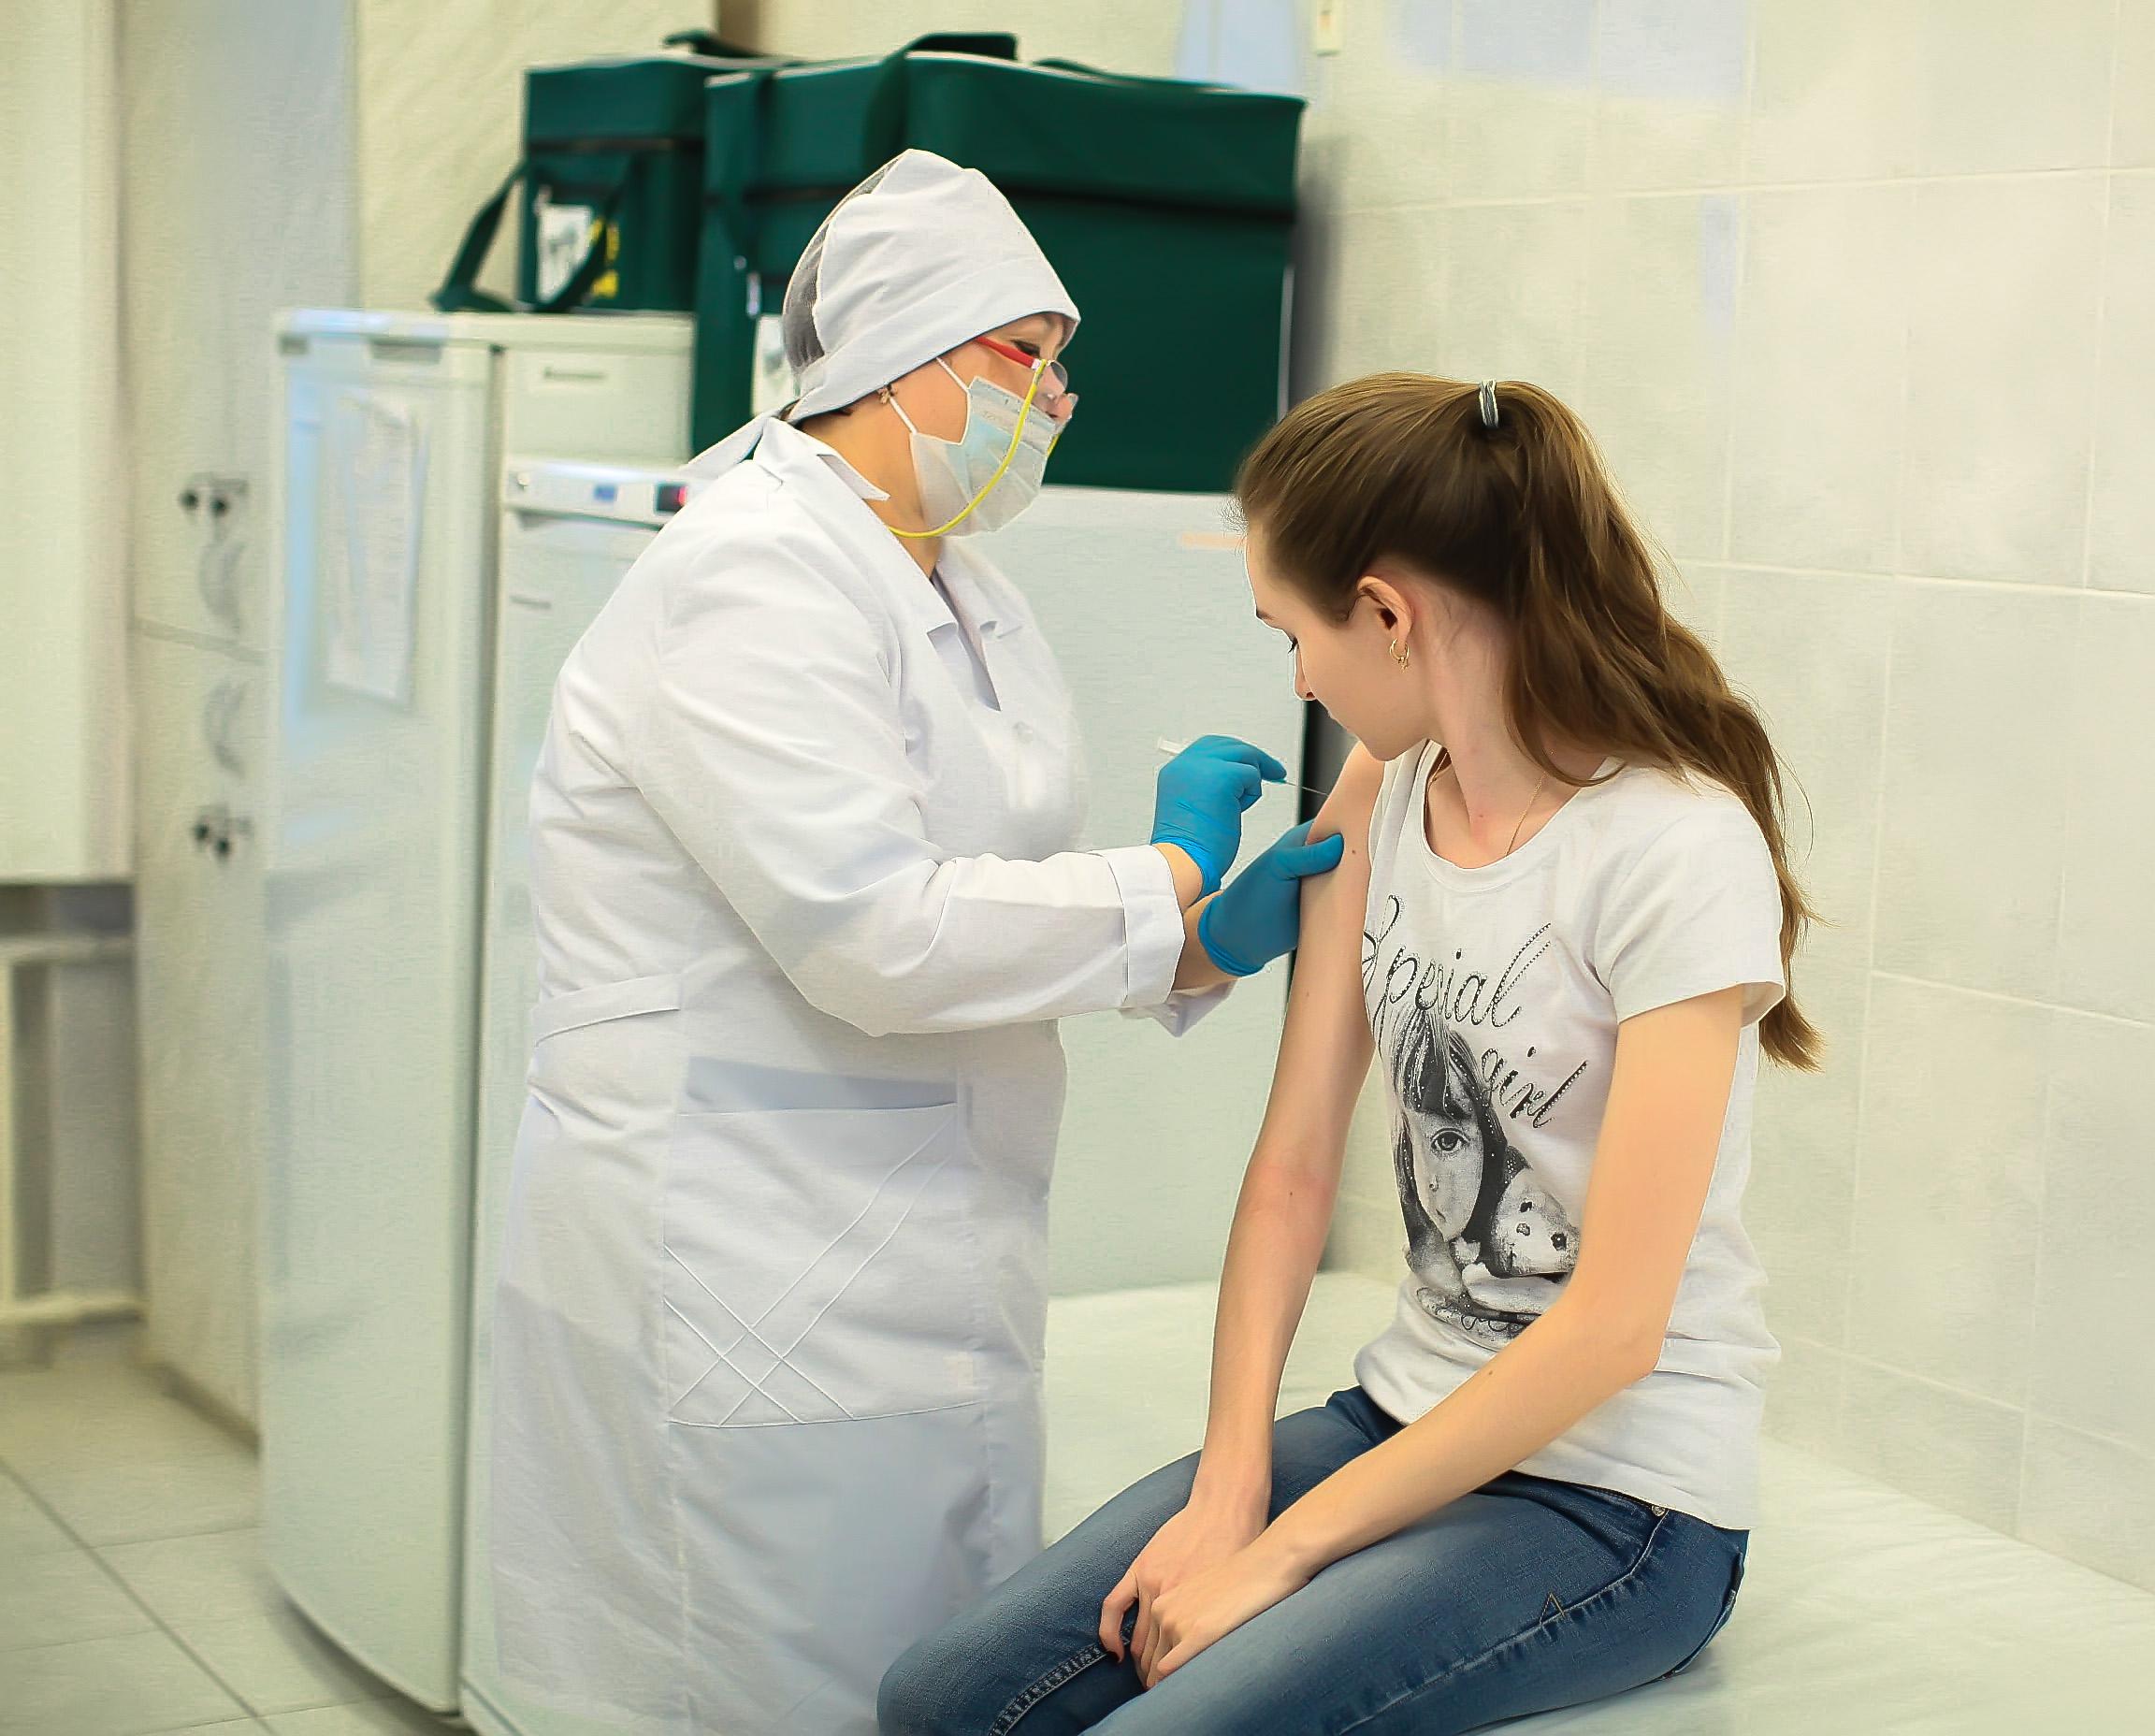 Вакцинация от клещевого энцефалита на Южном Урале обычно начинается в марте